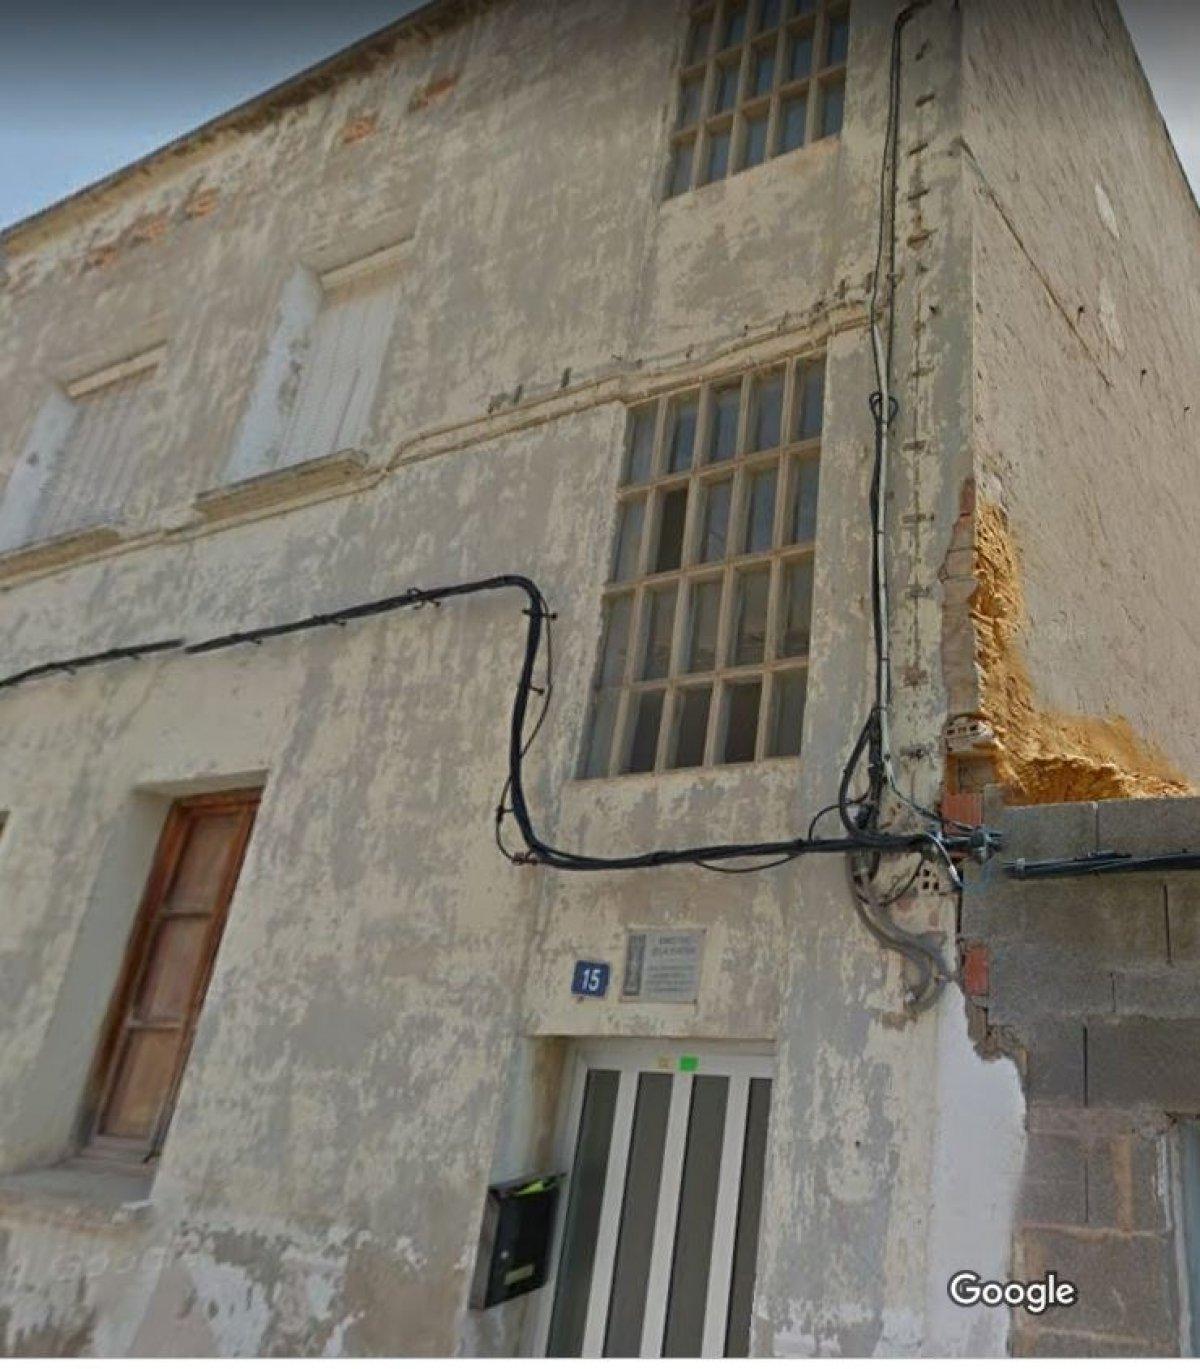 Apartamento, Pueblo, Venta - Borriol (Castellón)